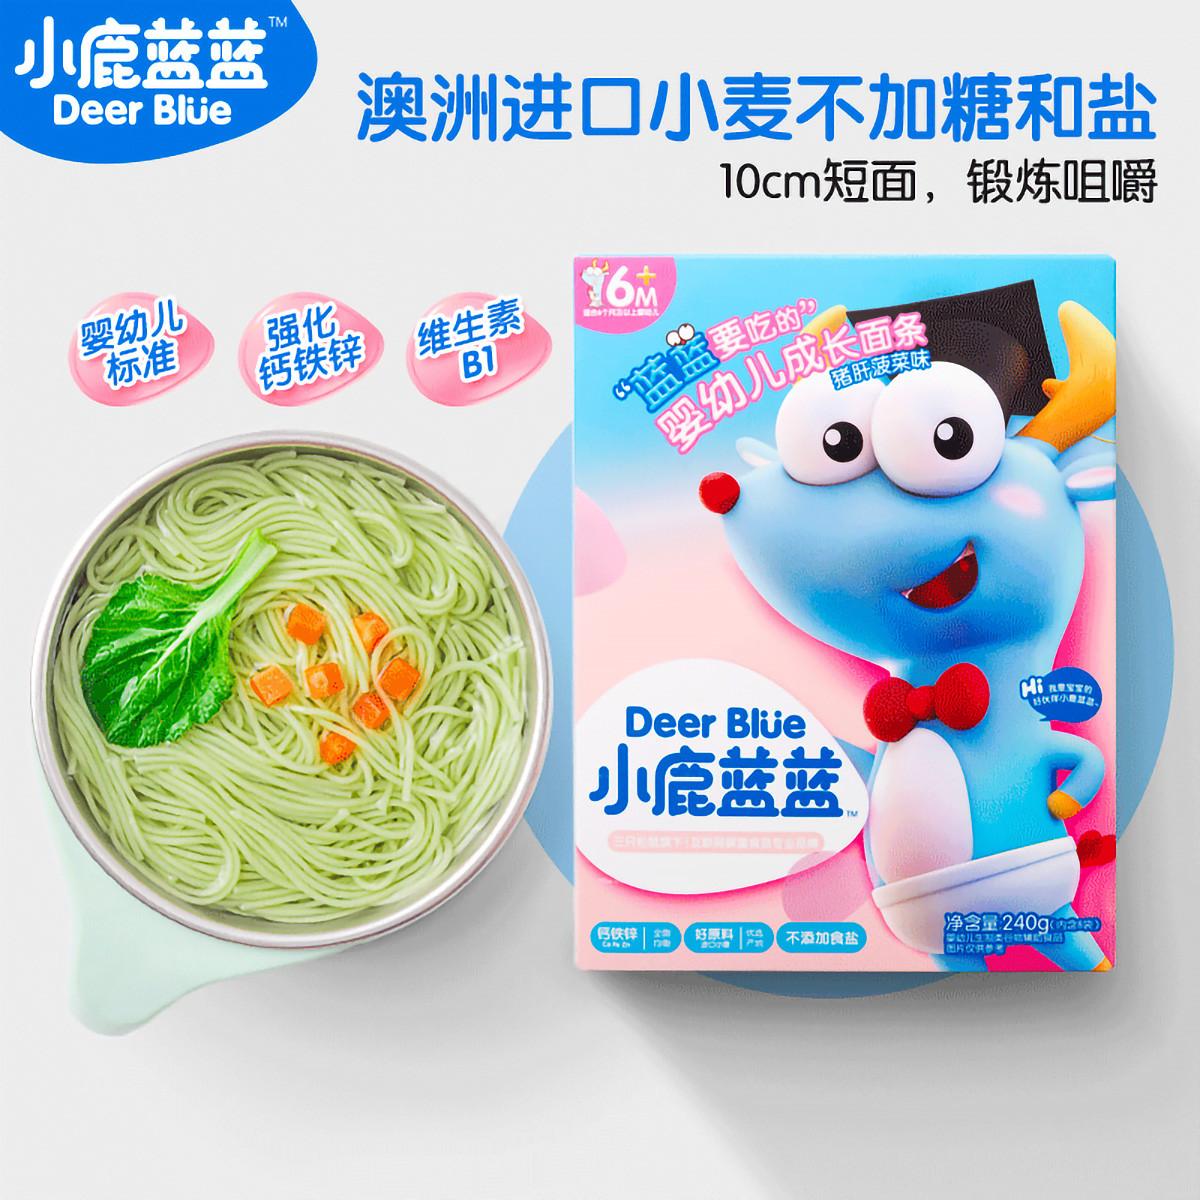 猪肝菠菜味婴幼儿面条240g|三只松鼠旗下品牌 辅食